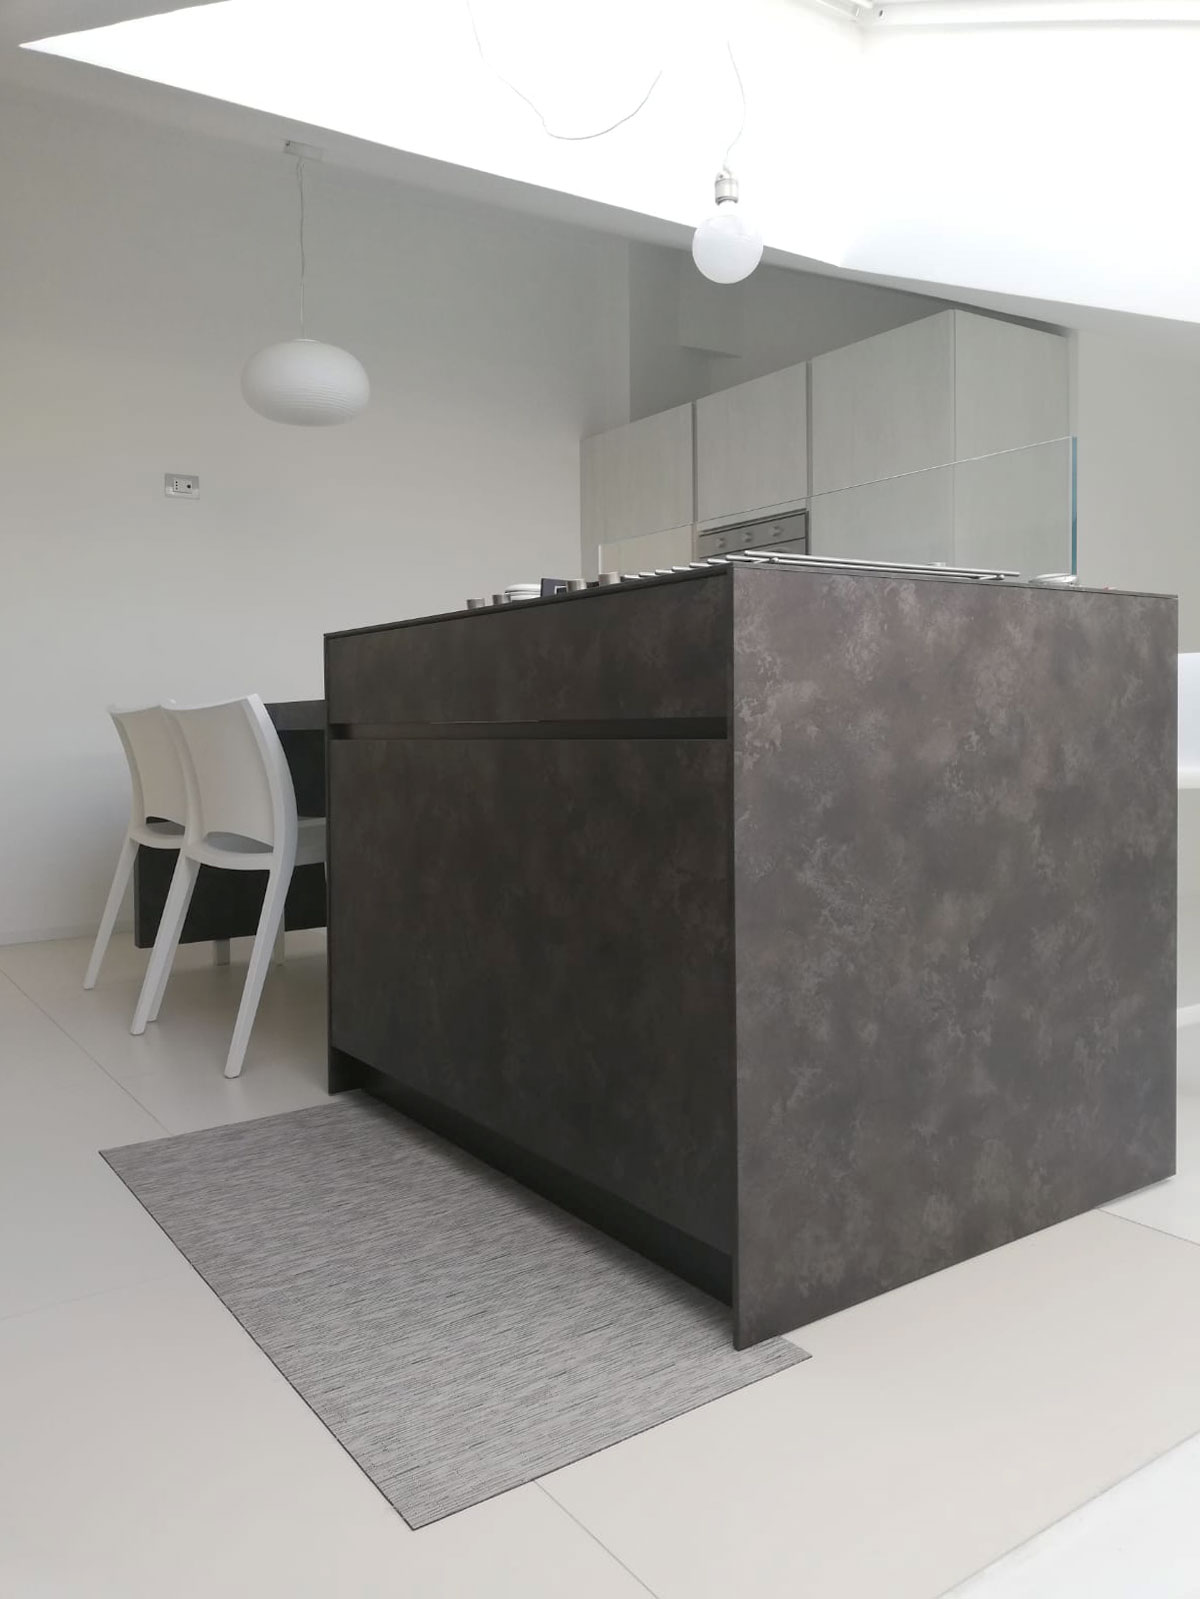 Isola cucina color grigio antracite e sedie di color bianco